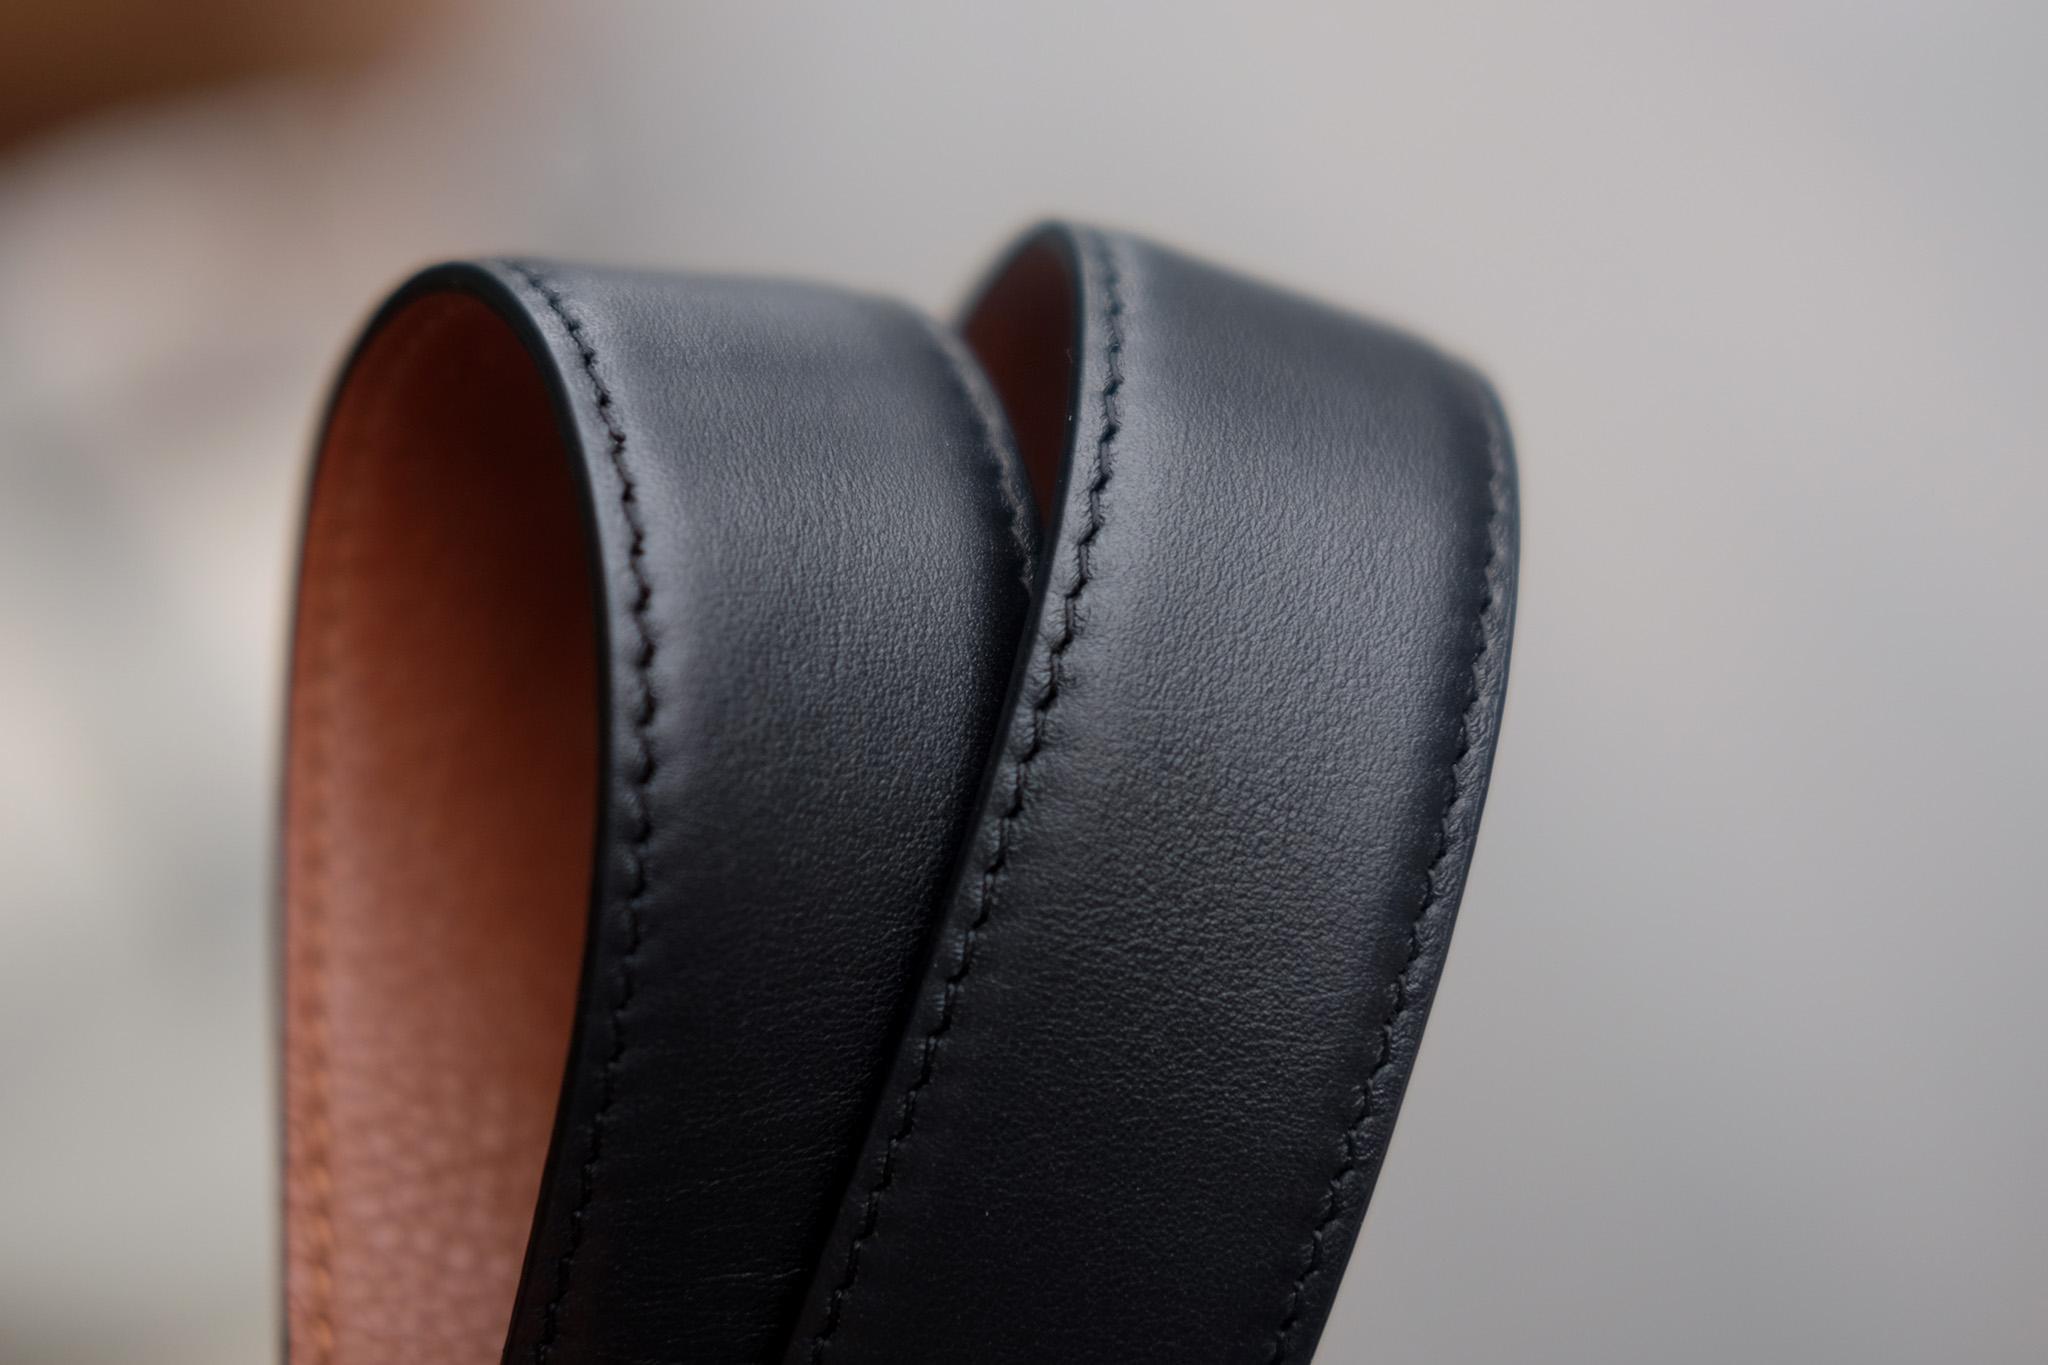 DSCF3868 - MINK Leather